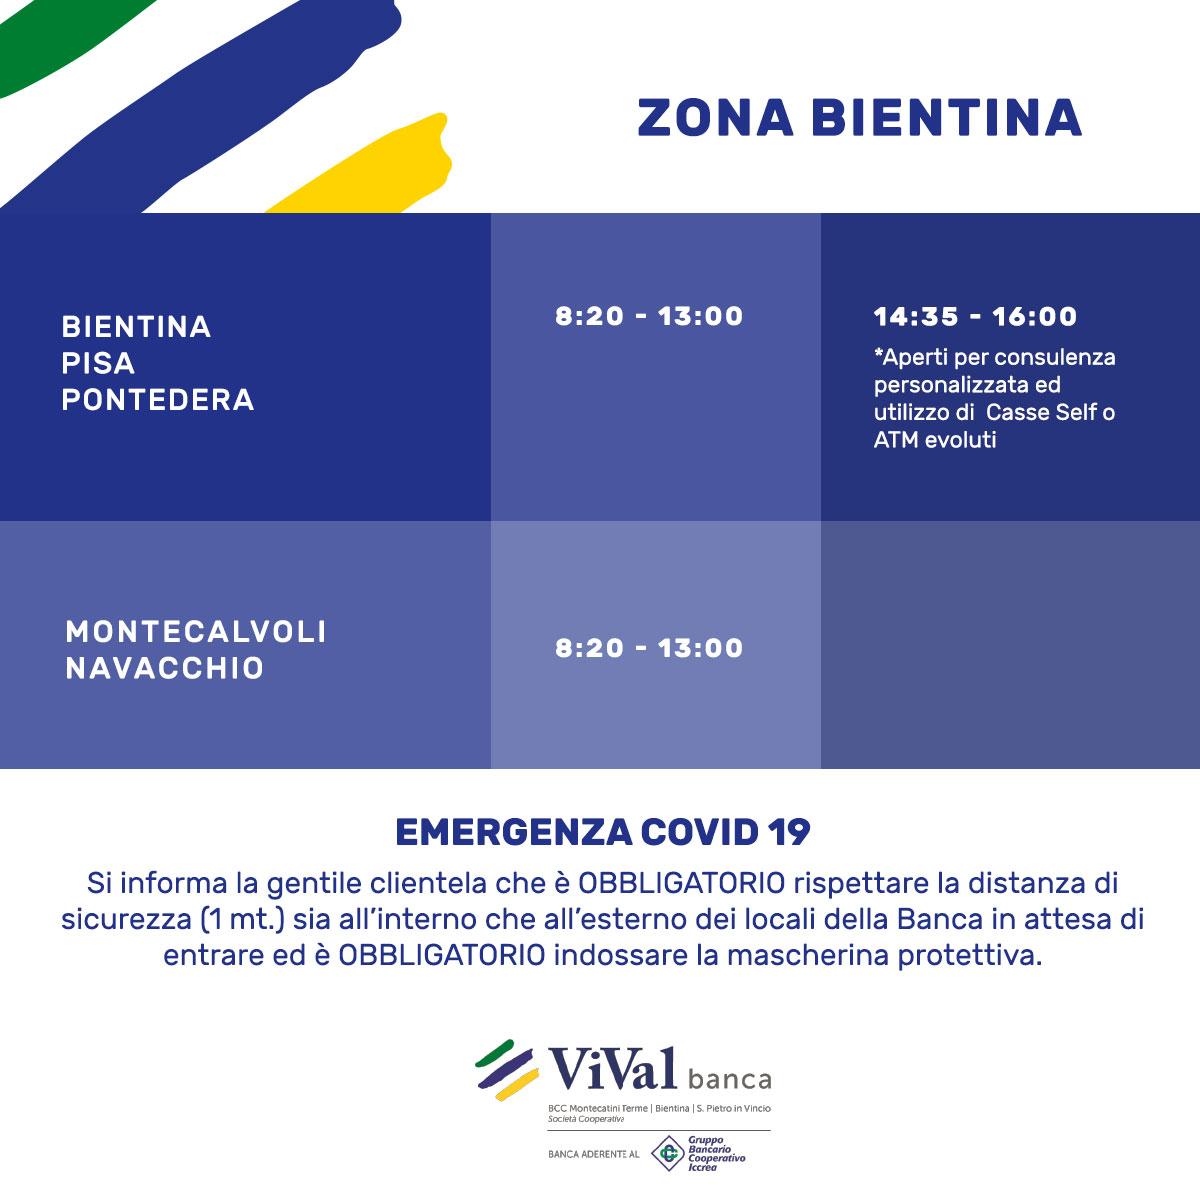 bientina 1 ottobre 2020